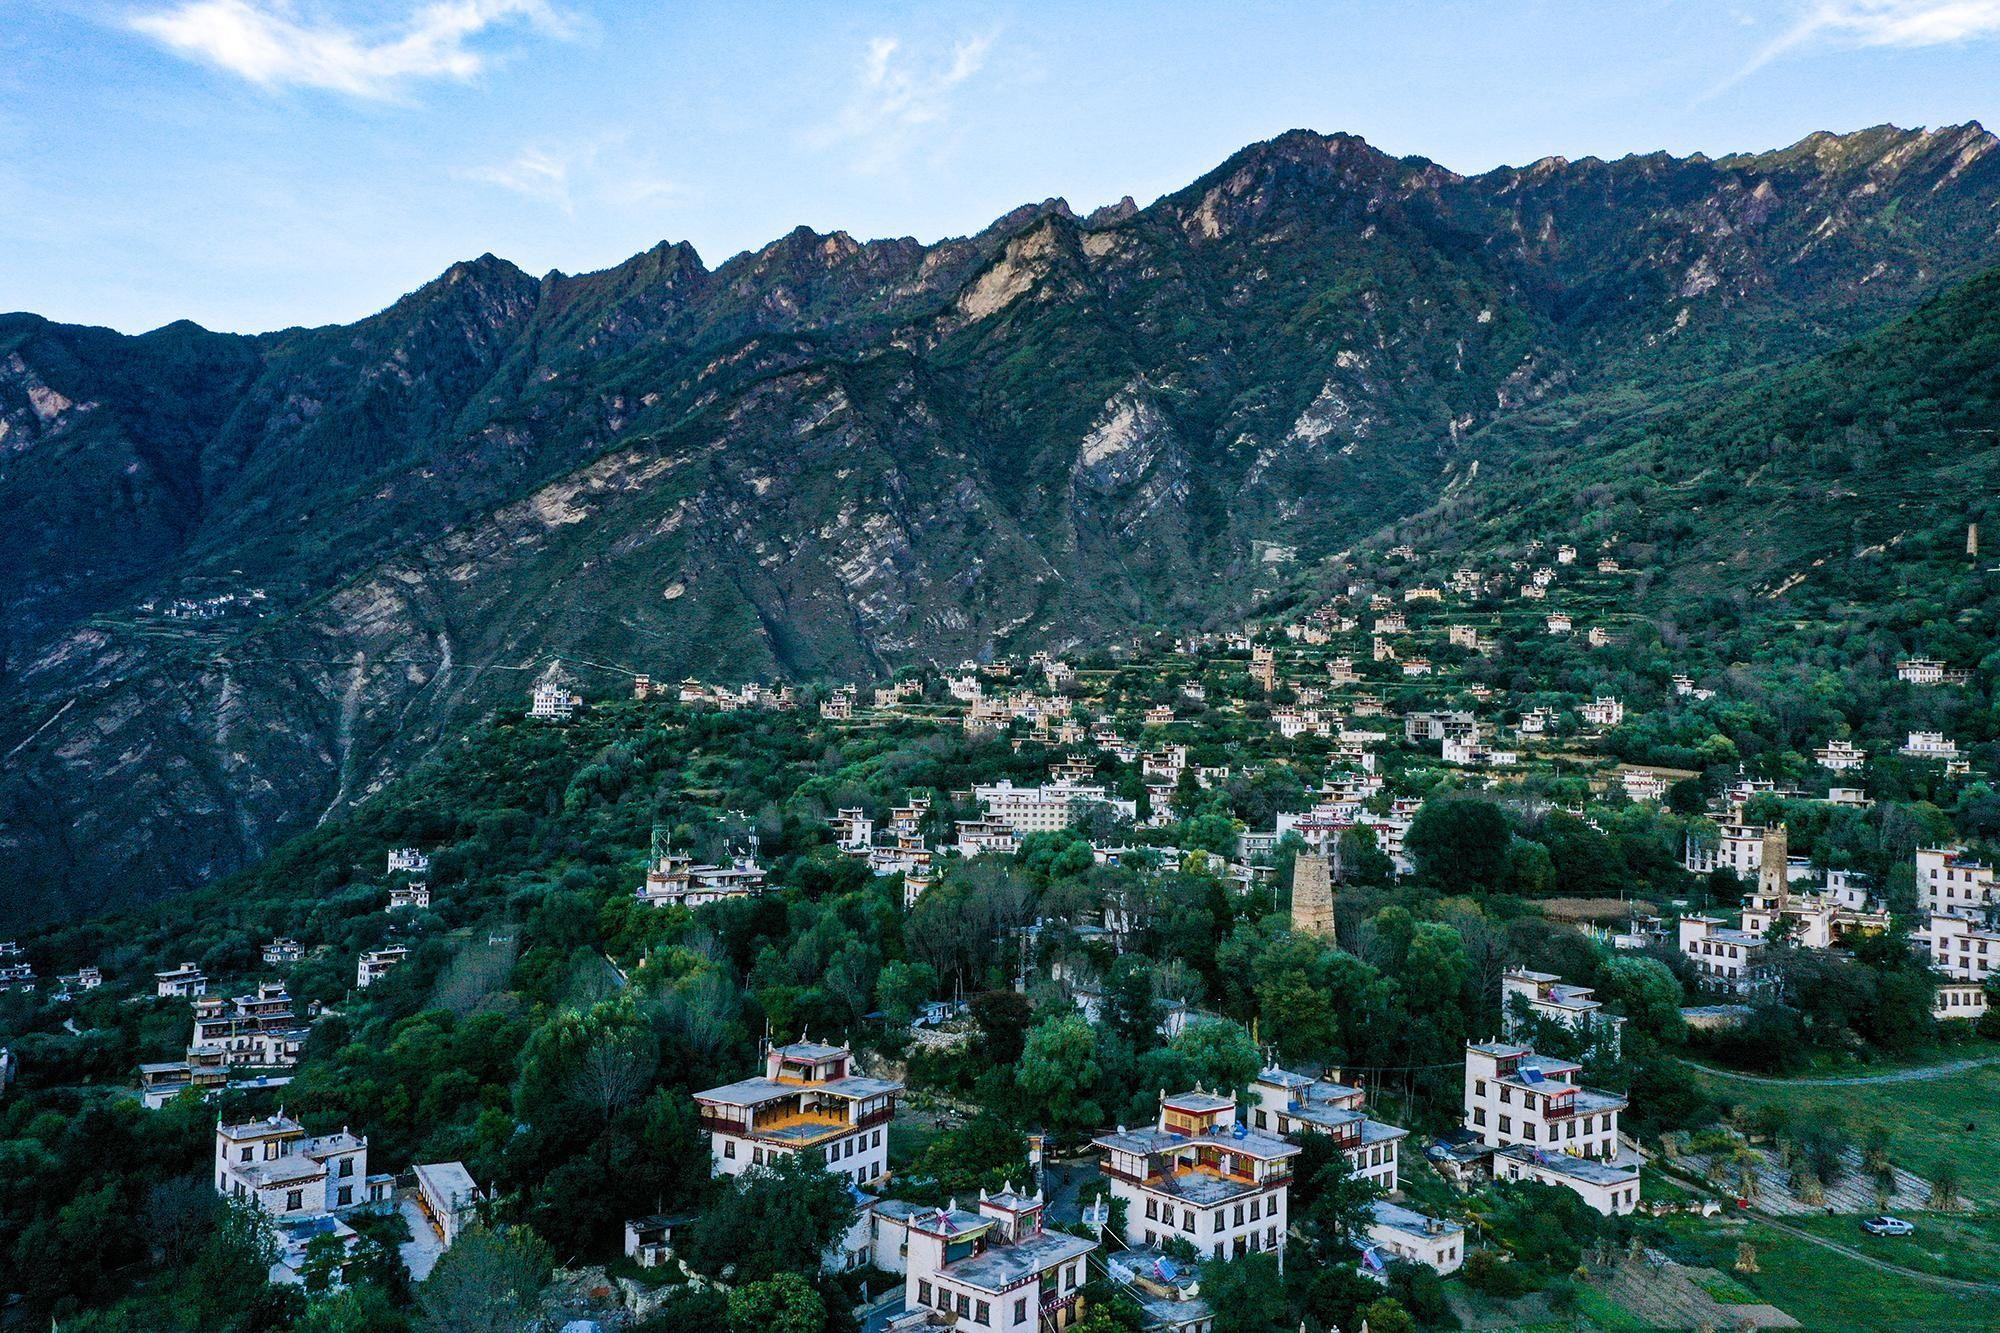 山河远阔 人间星河 全新博瑞探寻美丽村落中路藏寨